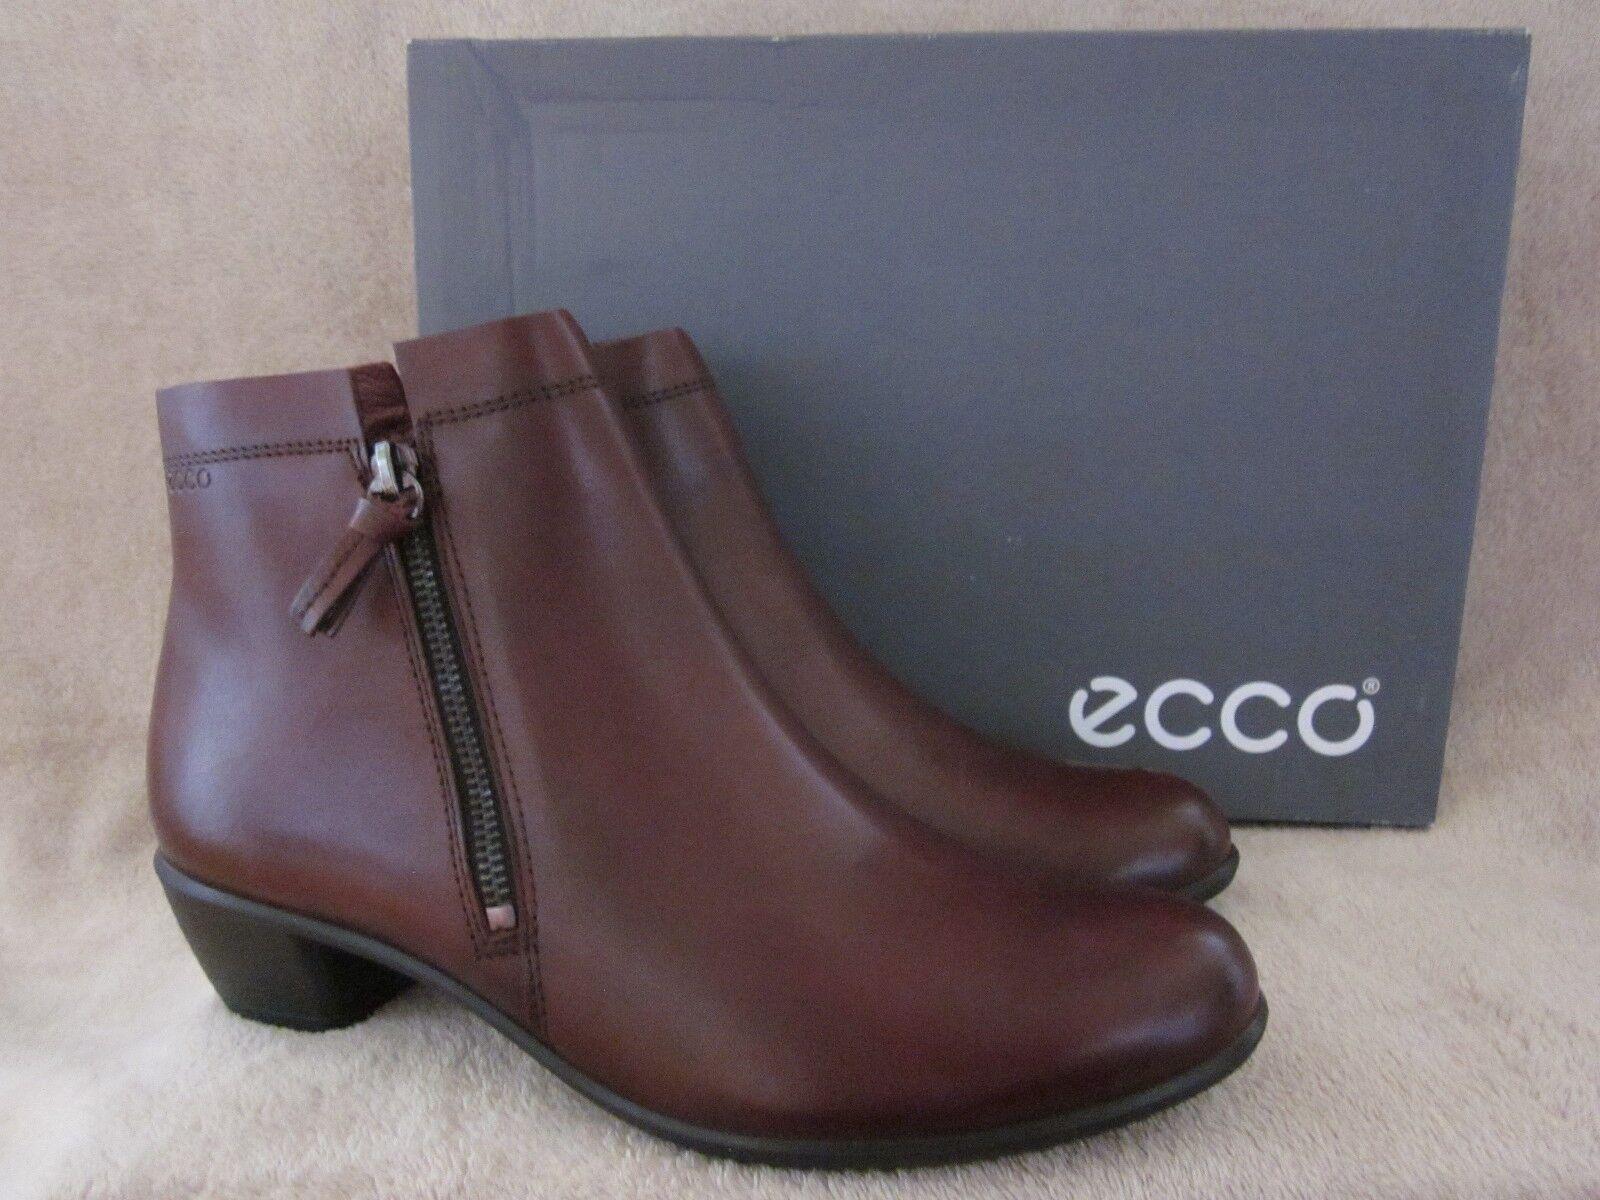 Ecco Touch 35 Castaña Castaña Castaña De Cuero Corte Bajo Tobillo botas Zapatos EE. UU. 9 - 9.5 M EU 40 Nuevas Con Caja  100% precio garantizado